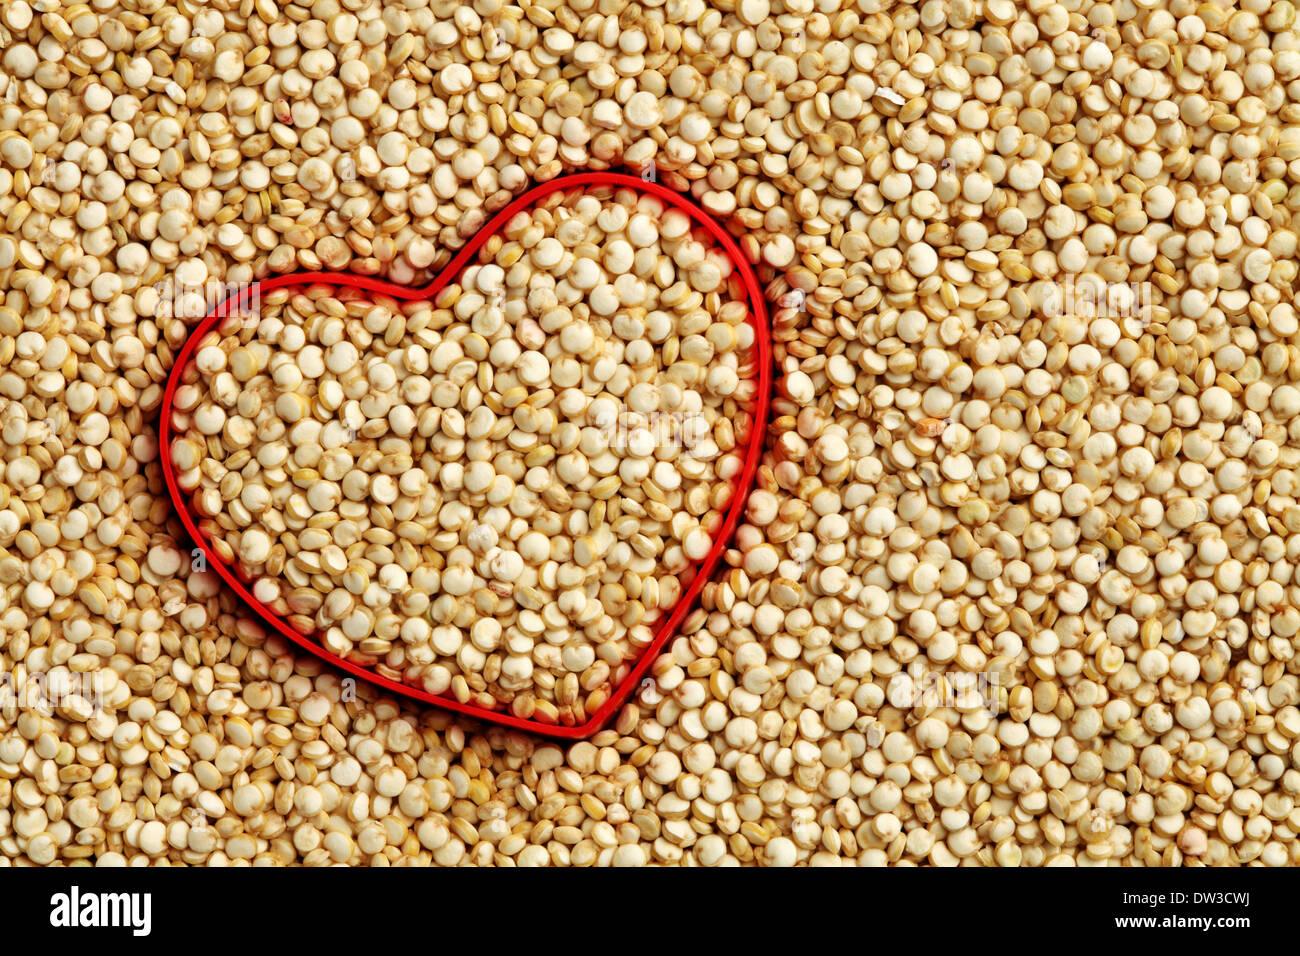 Rojo en forma de corazón sin cocer la quinua Antecedentes Imagen De Stock